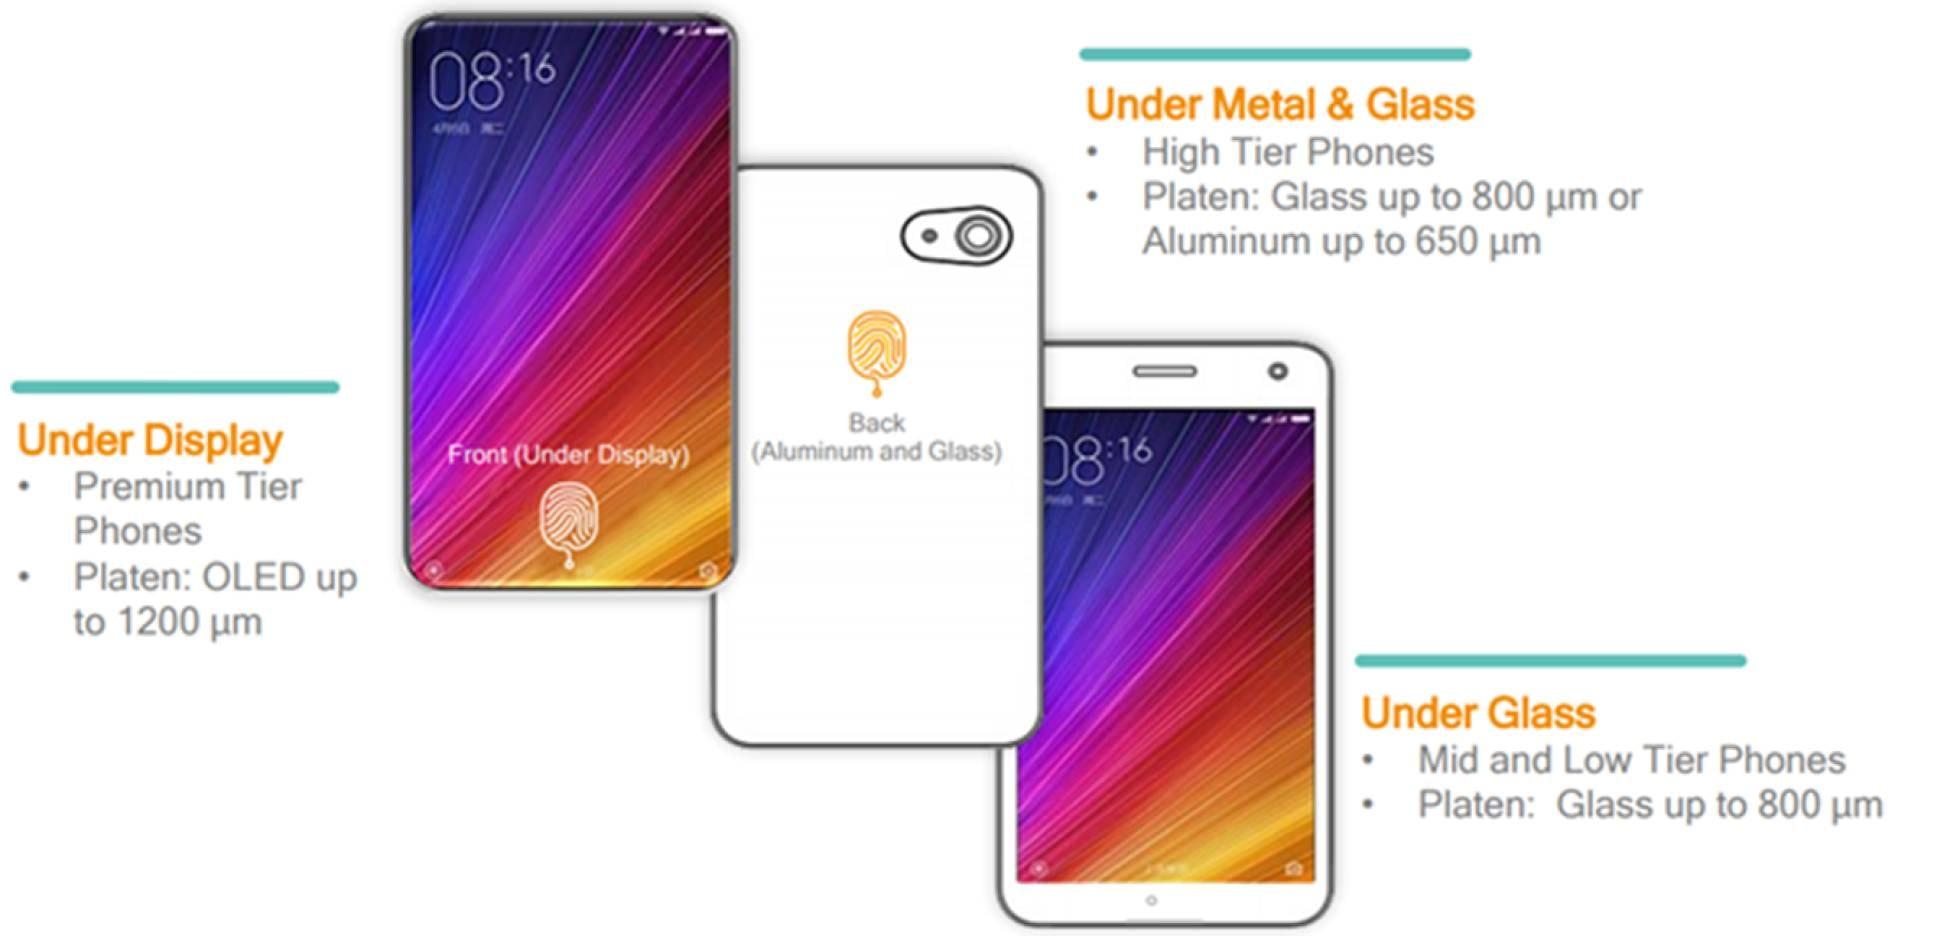 ¿Dónde estará el sensor de huellas dactilares en tu próximo móvil?